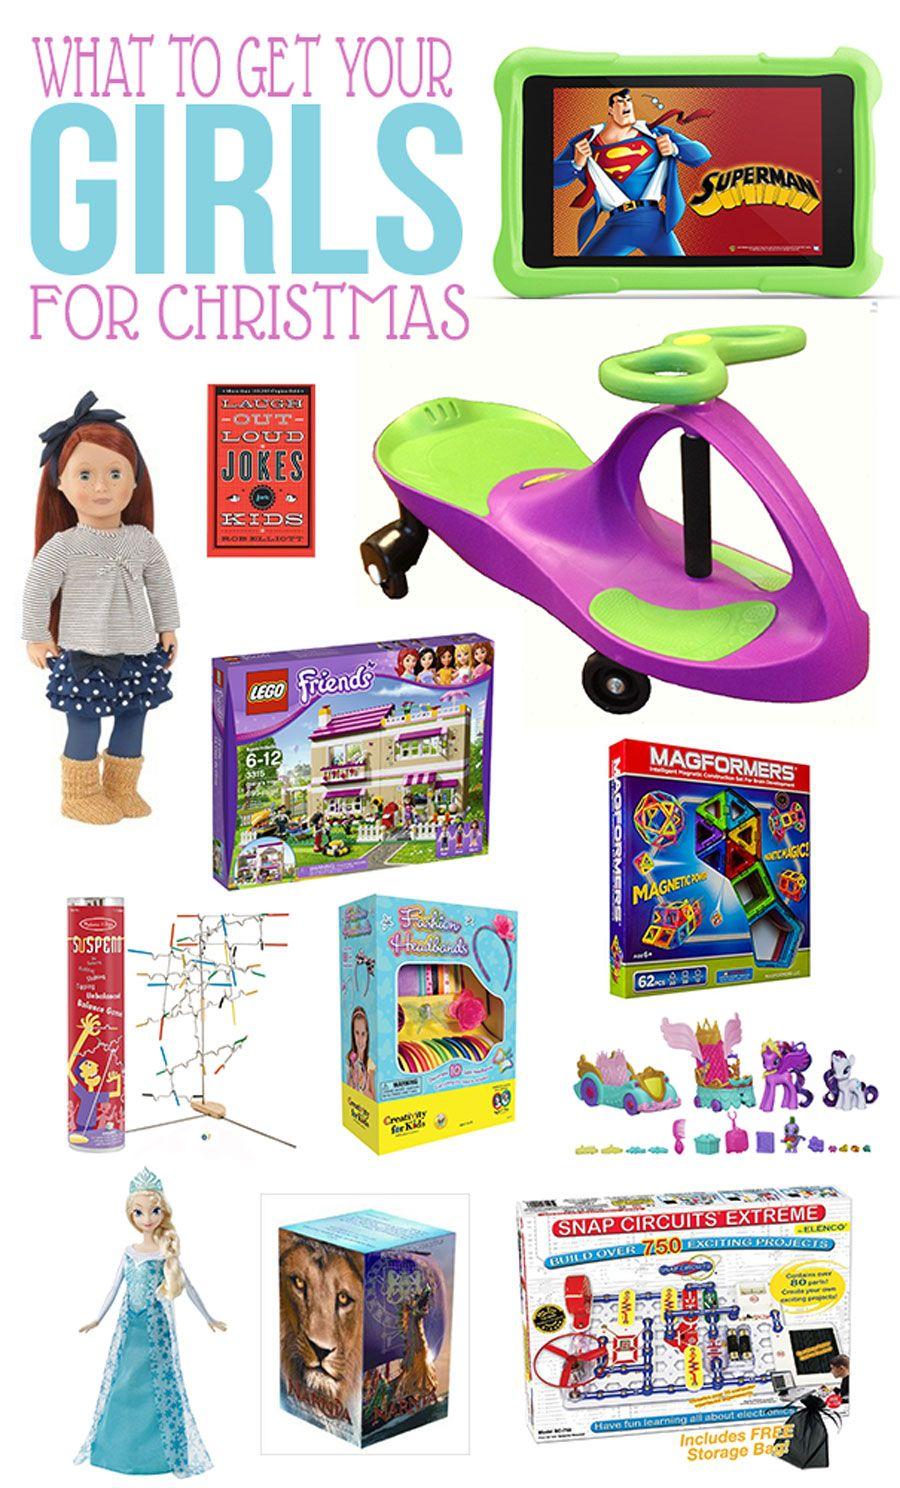 Hvad man kan få en pige til jul A Diy Christmas Diy-7801